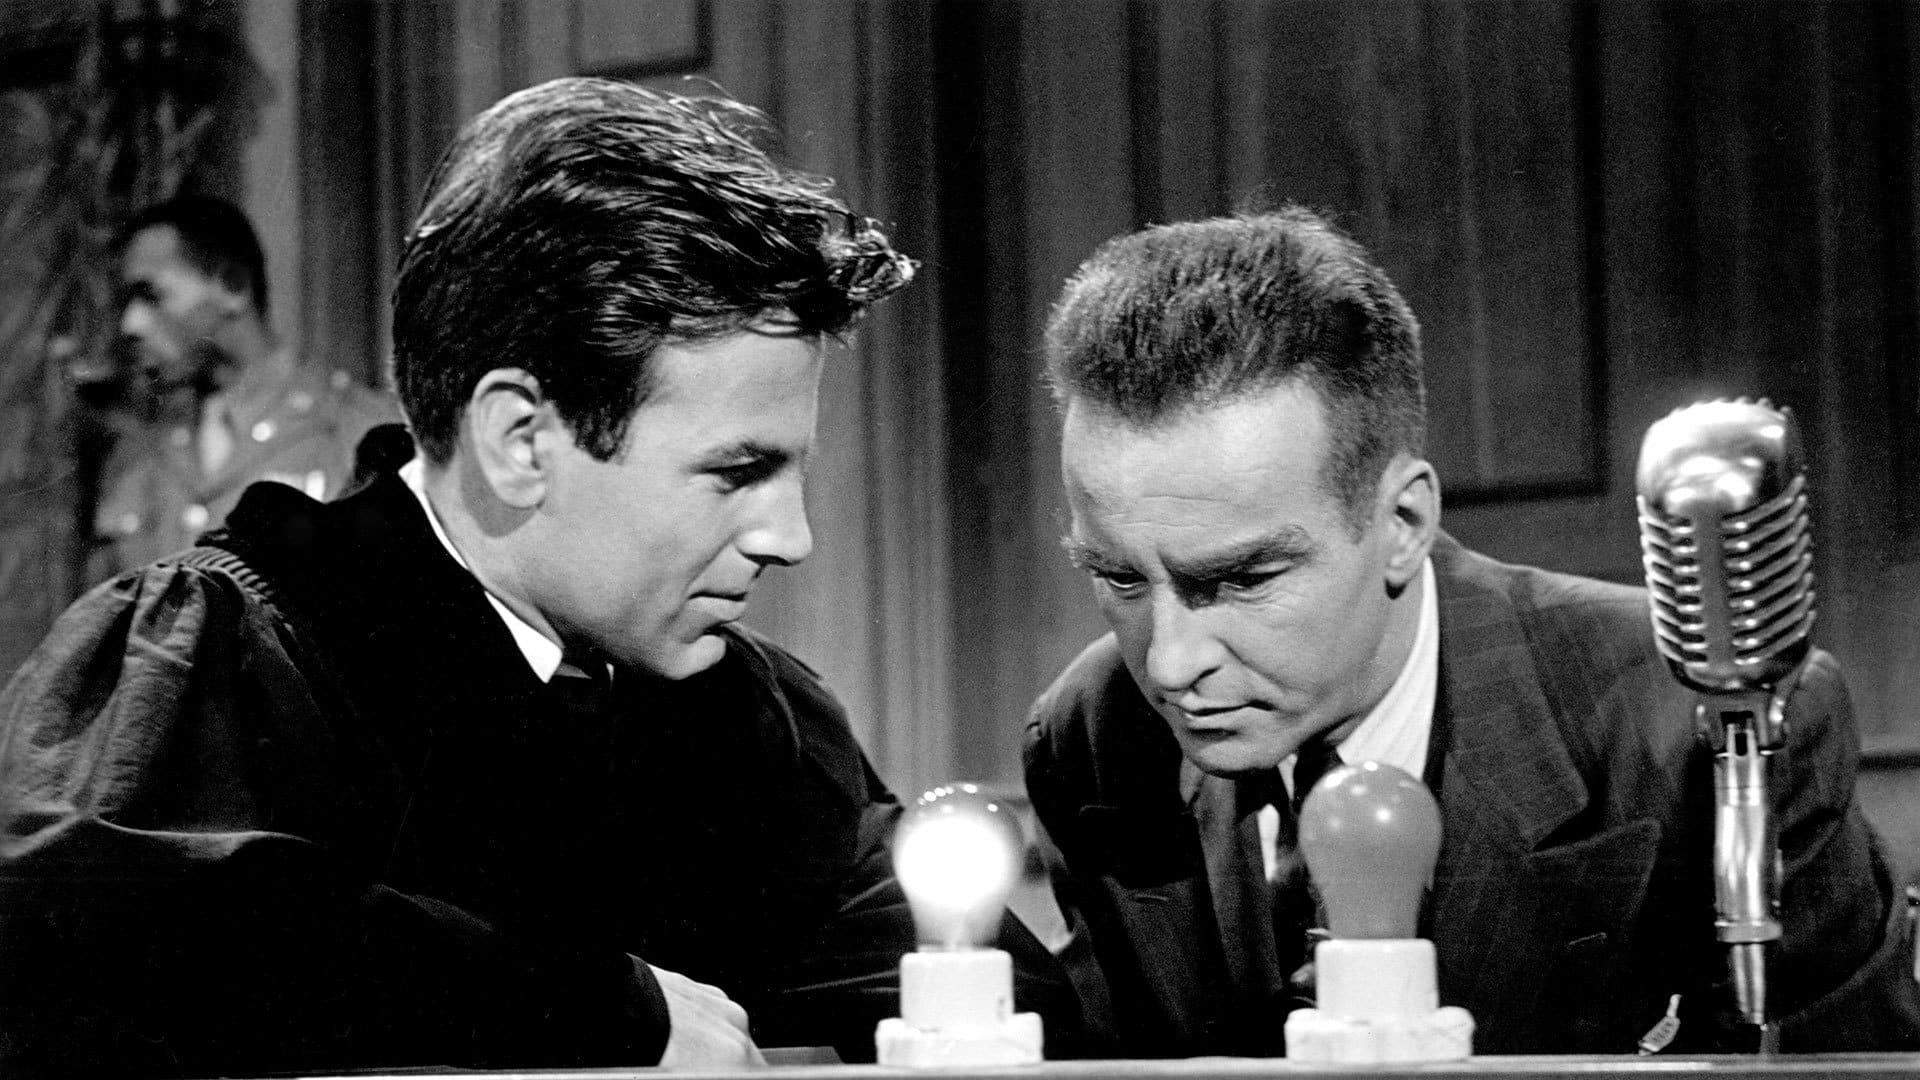 ¿Vencedores o vencidos? (El juicio de Nuremberg) (1961)